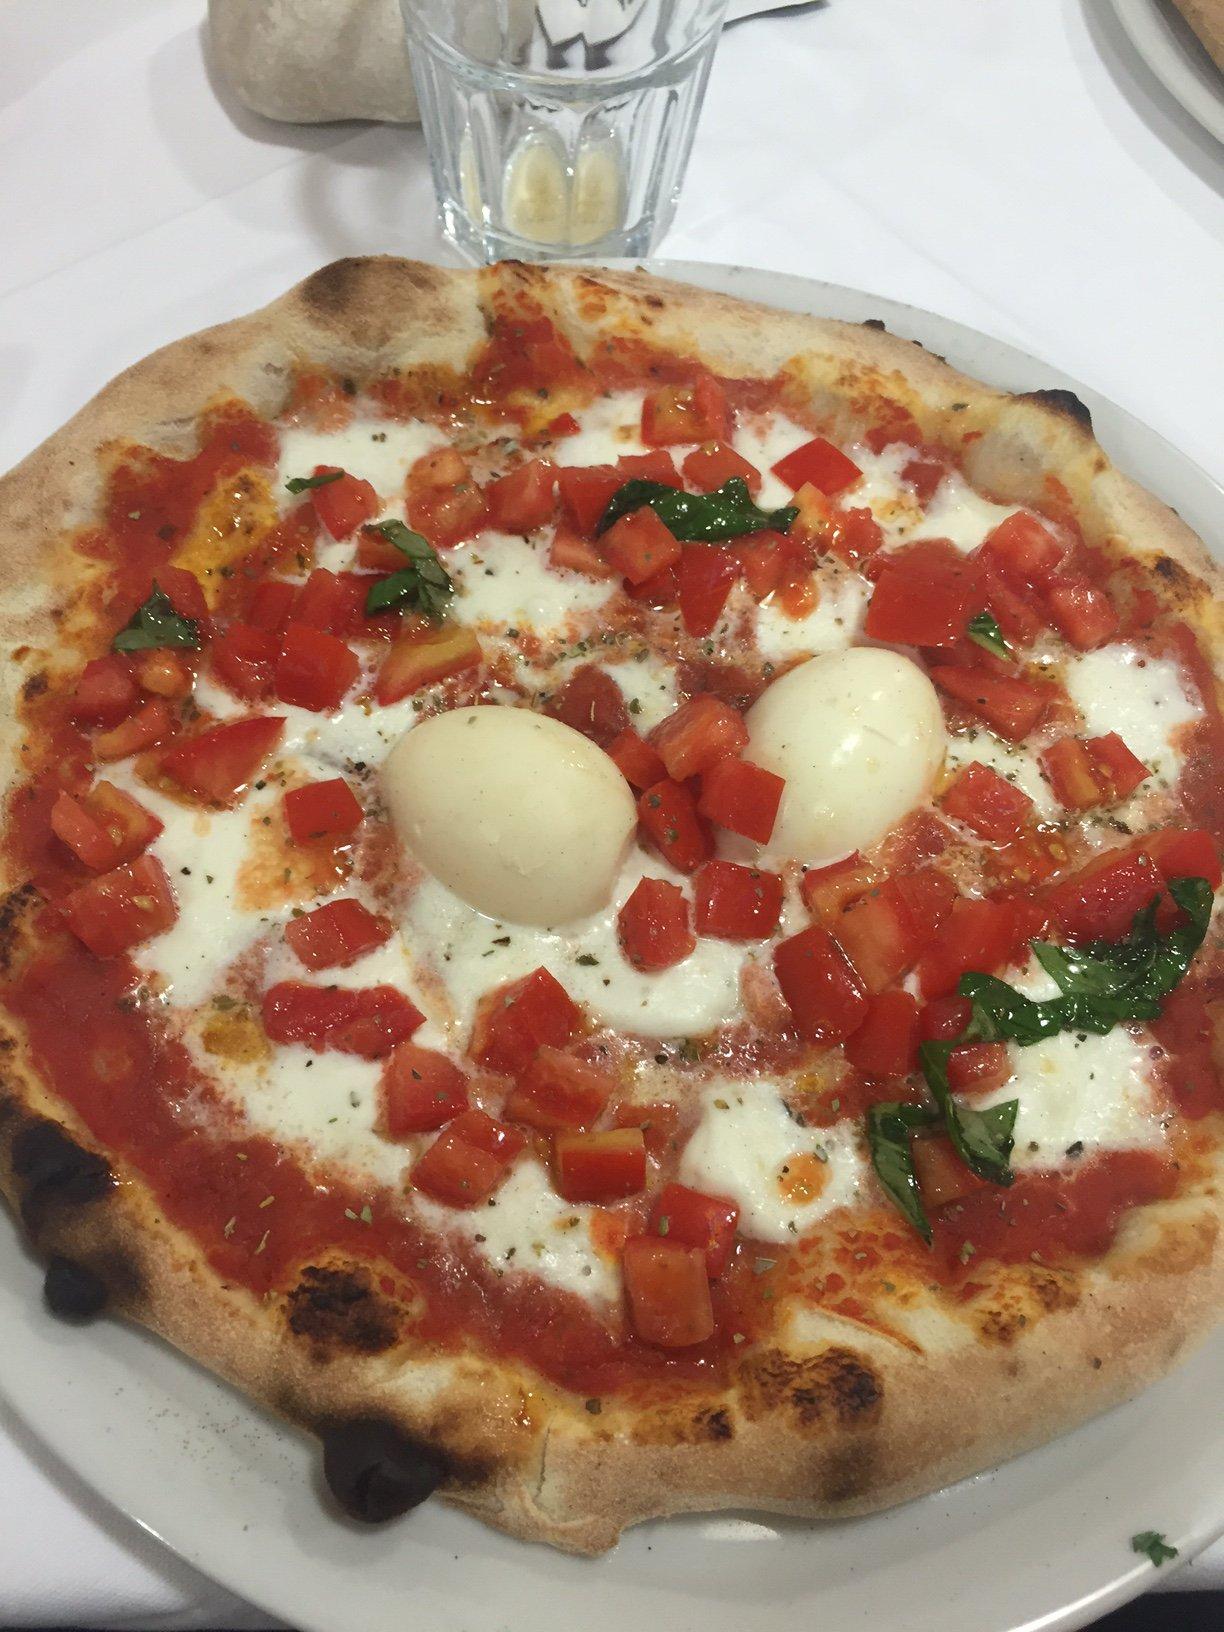 https://www.ragusanews.com//immagini_articoli/20-12-2015/1450629355-1-la-vera-pizza-napoletana-a-donnalucata.jpg